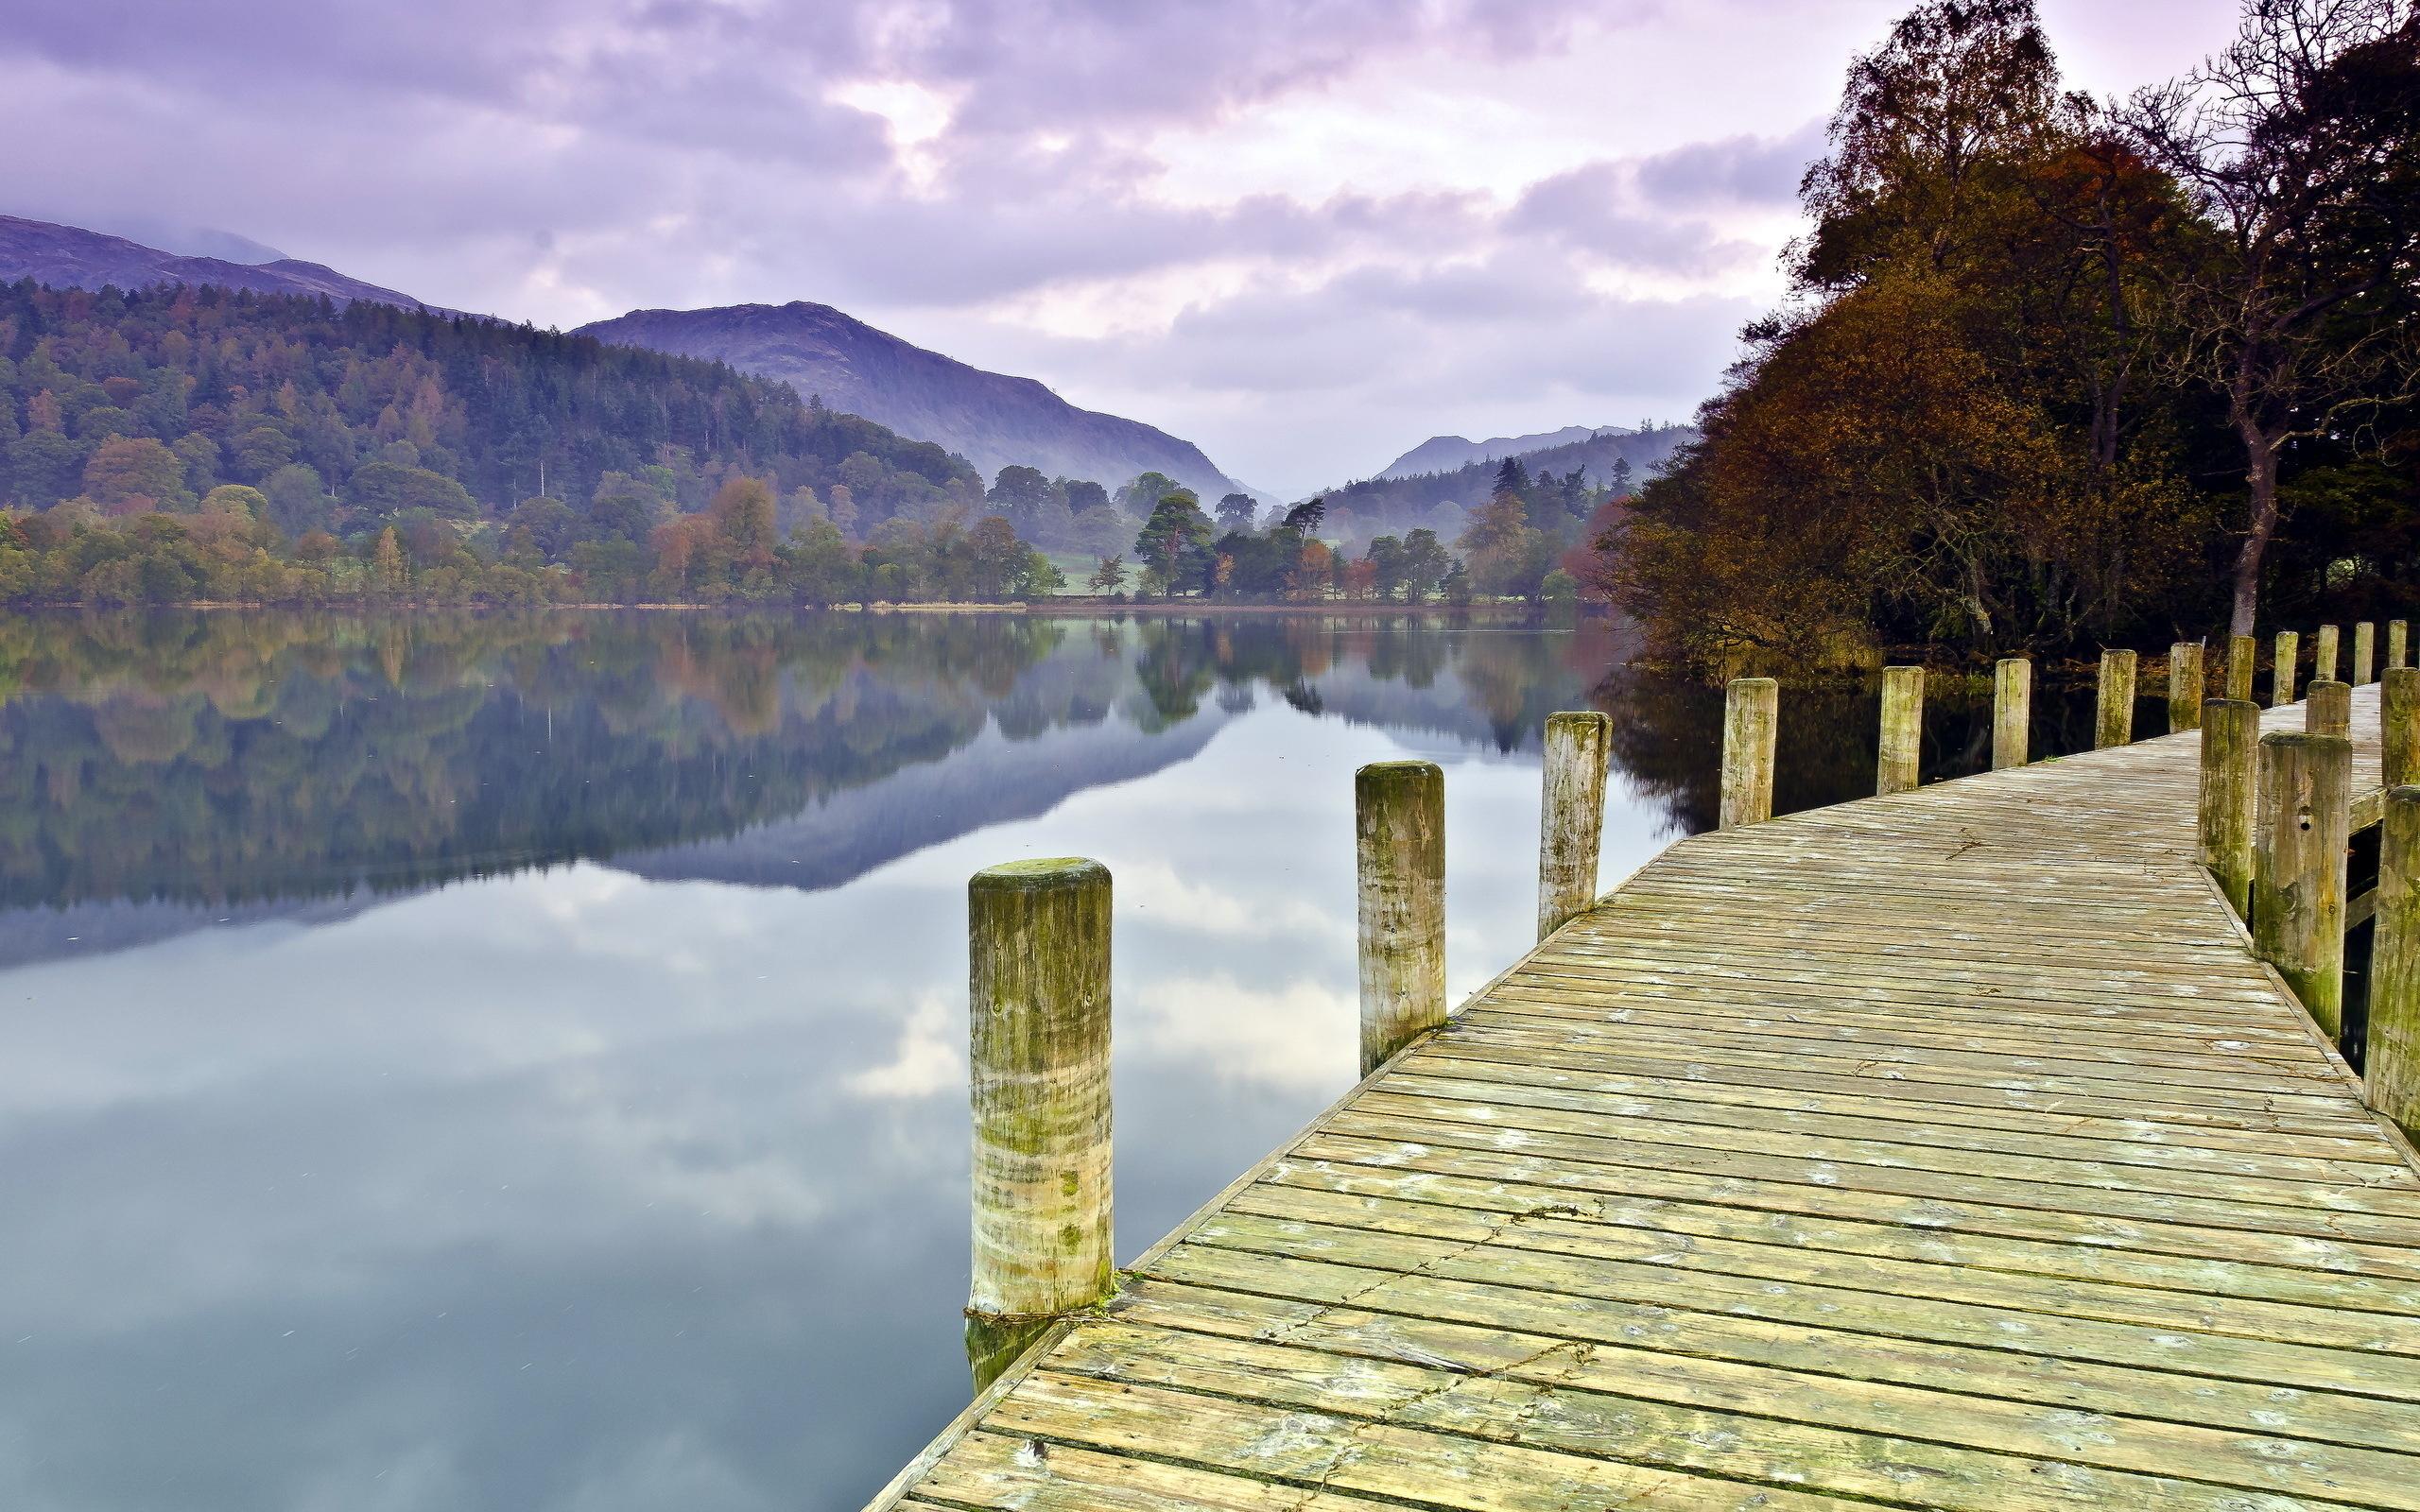 24608 скачать обои Пейзаж, Река, Деревья, Горы - заставки и картинки бесплатно